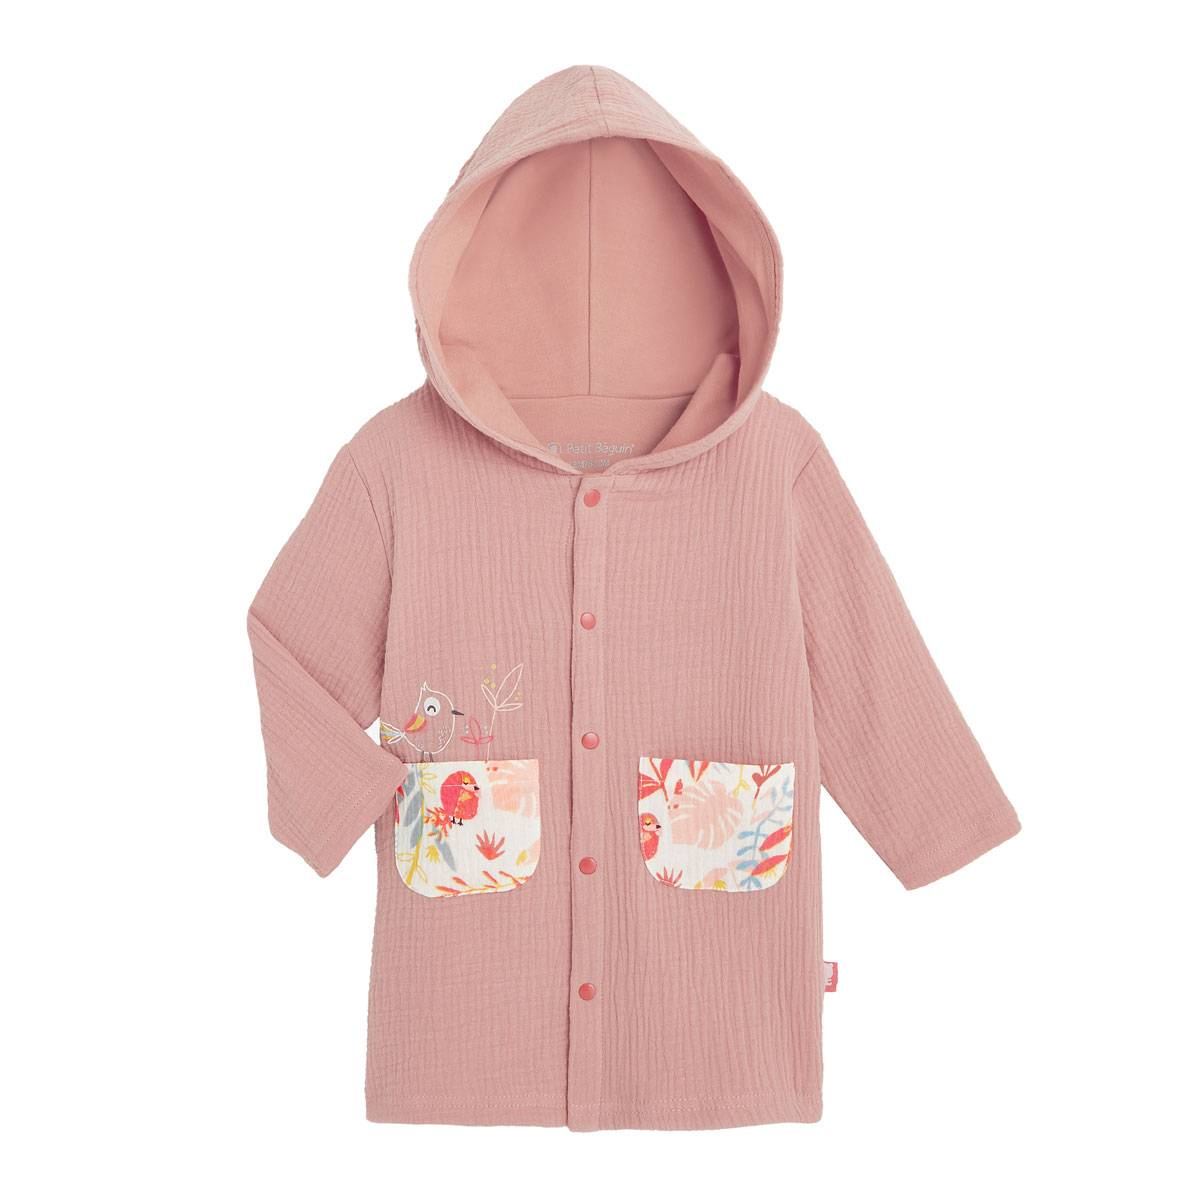 Petit Béguin Robe de chambre doublée bébé fille Tropic - Taille - 12 mois